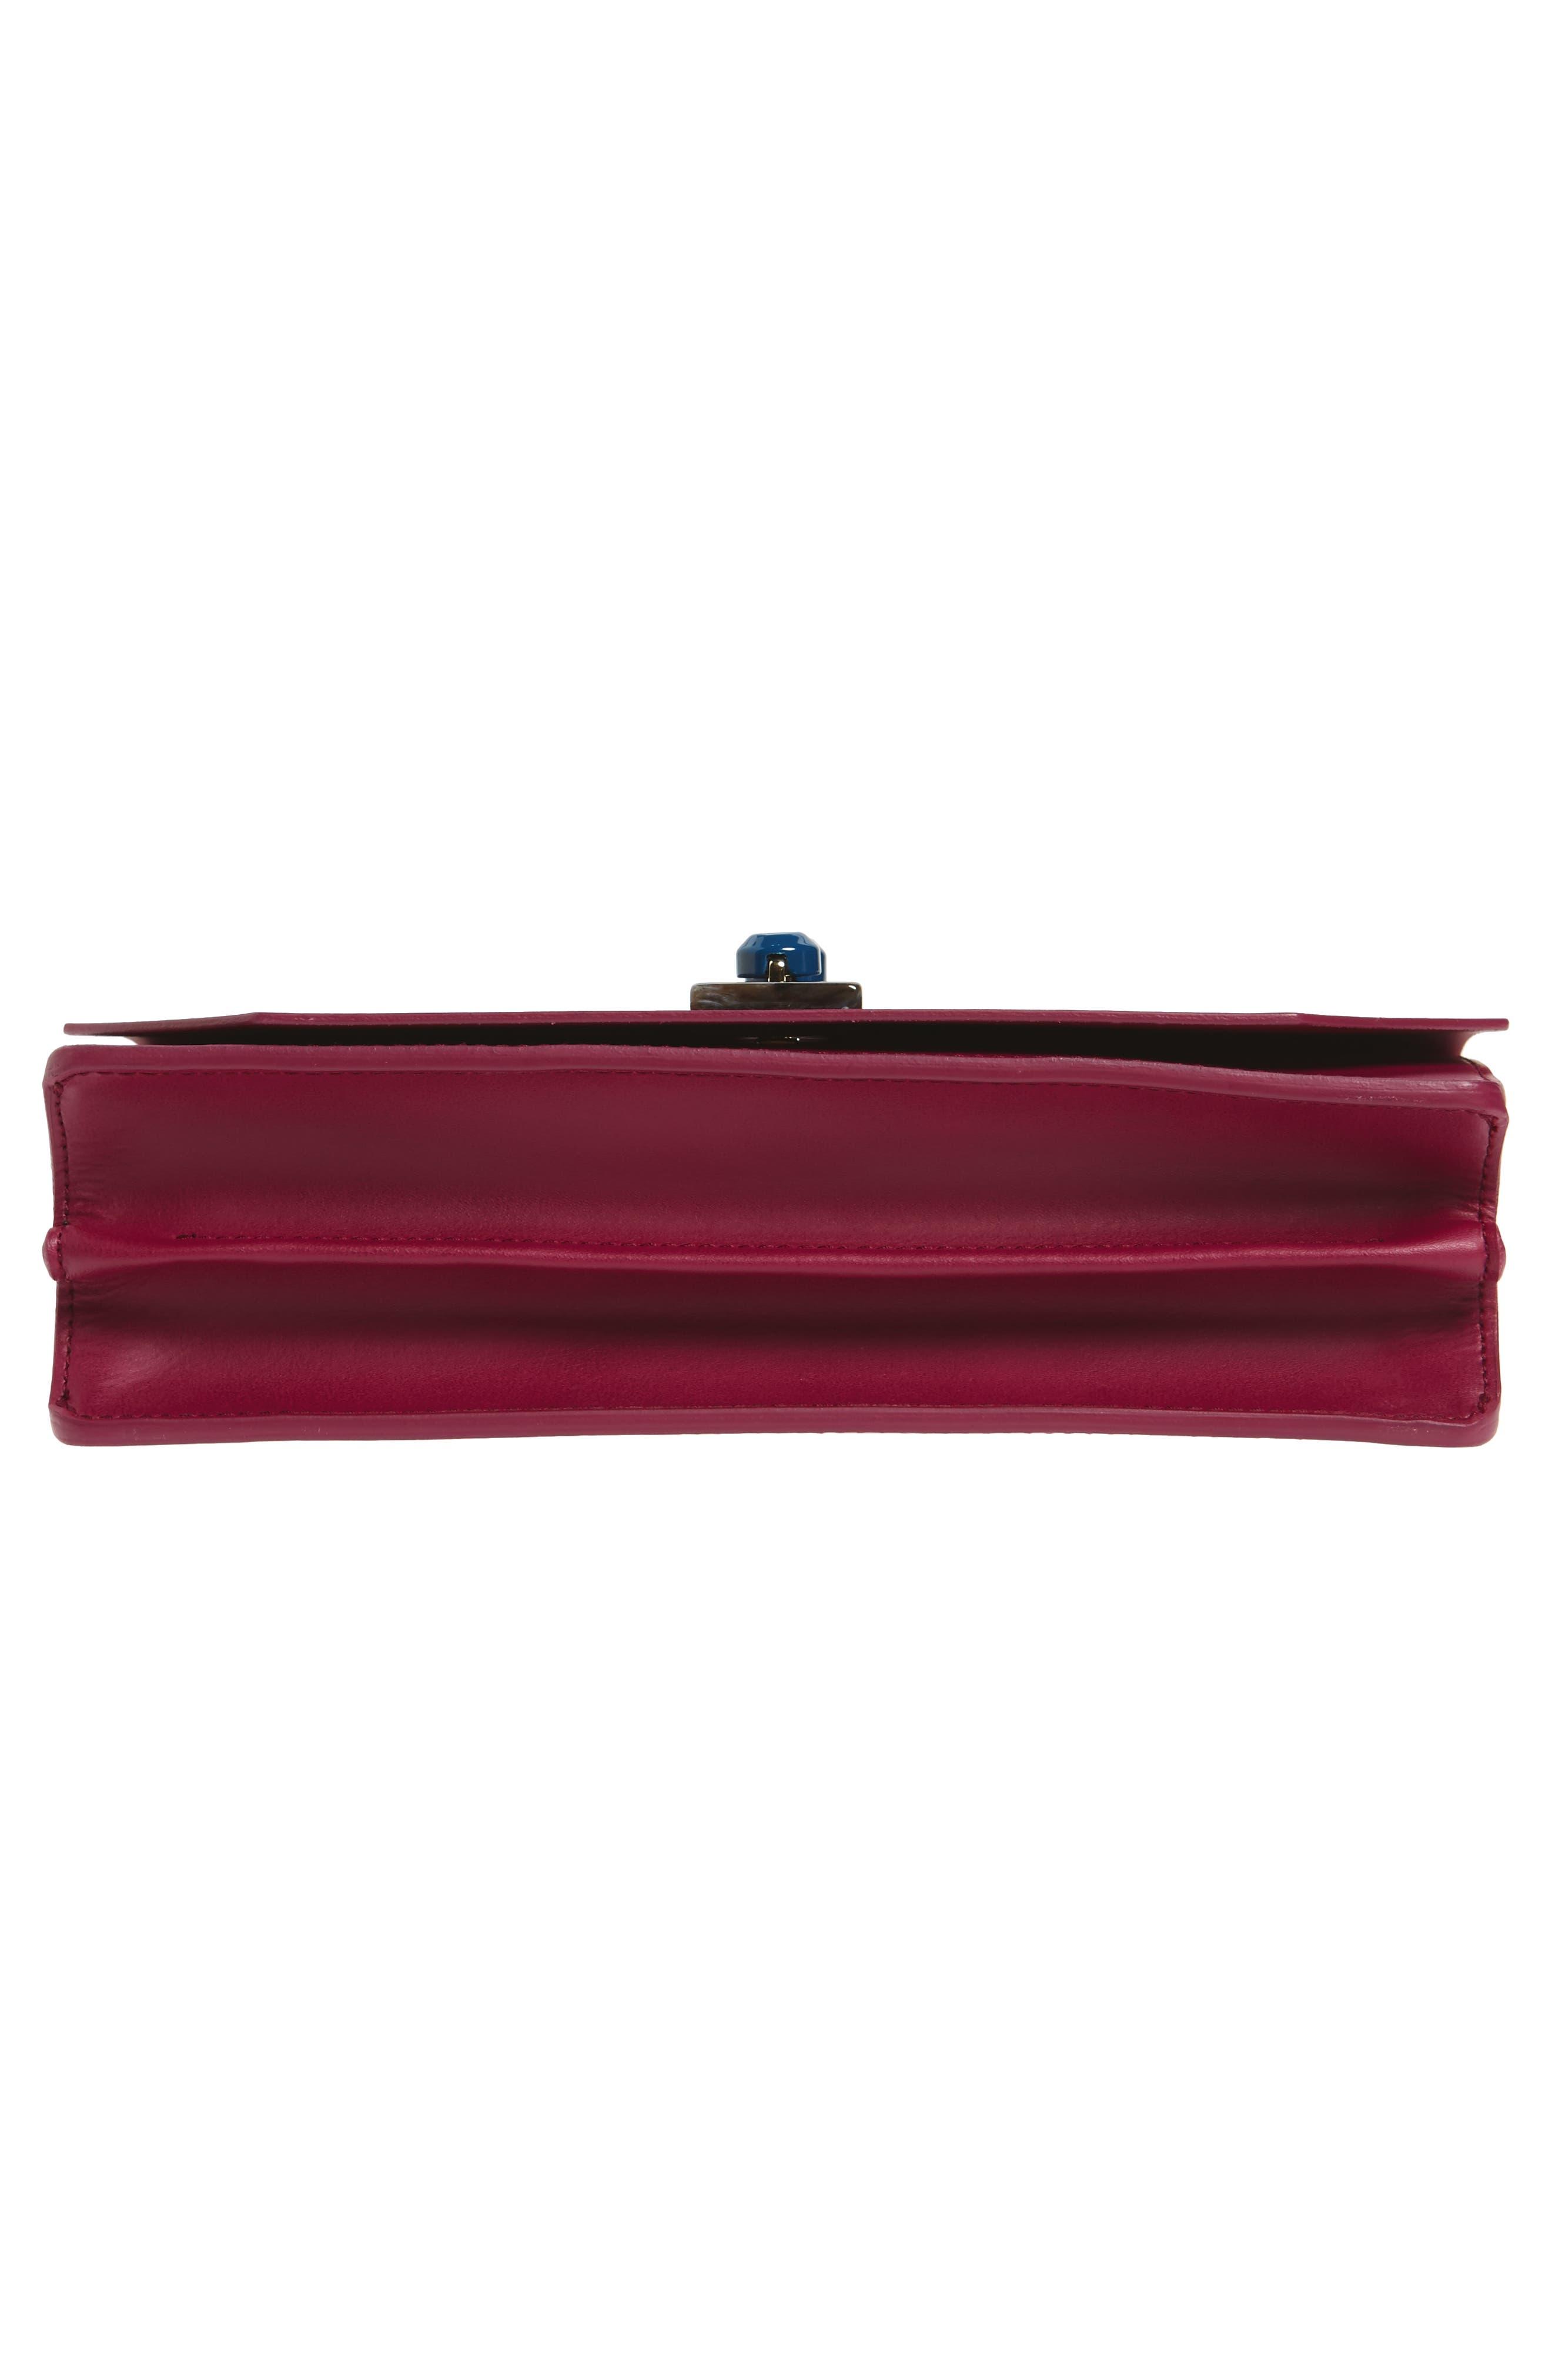 Snap Leather Shoulder Bag,                             Alternate thumbnail 6, color,                             609